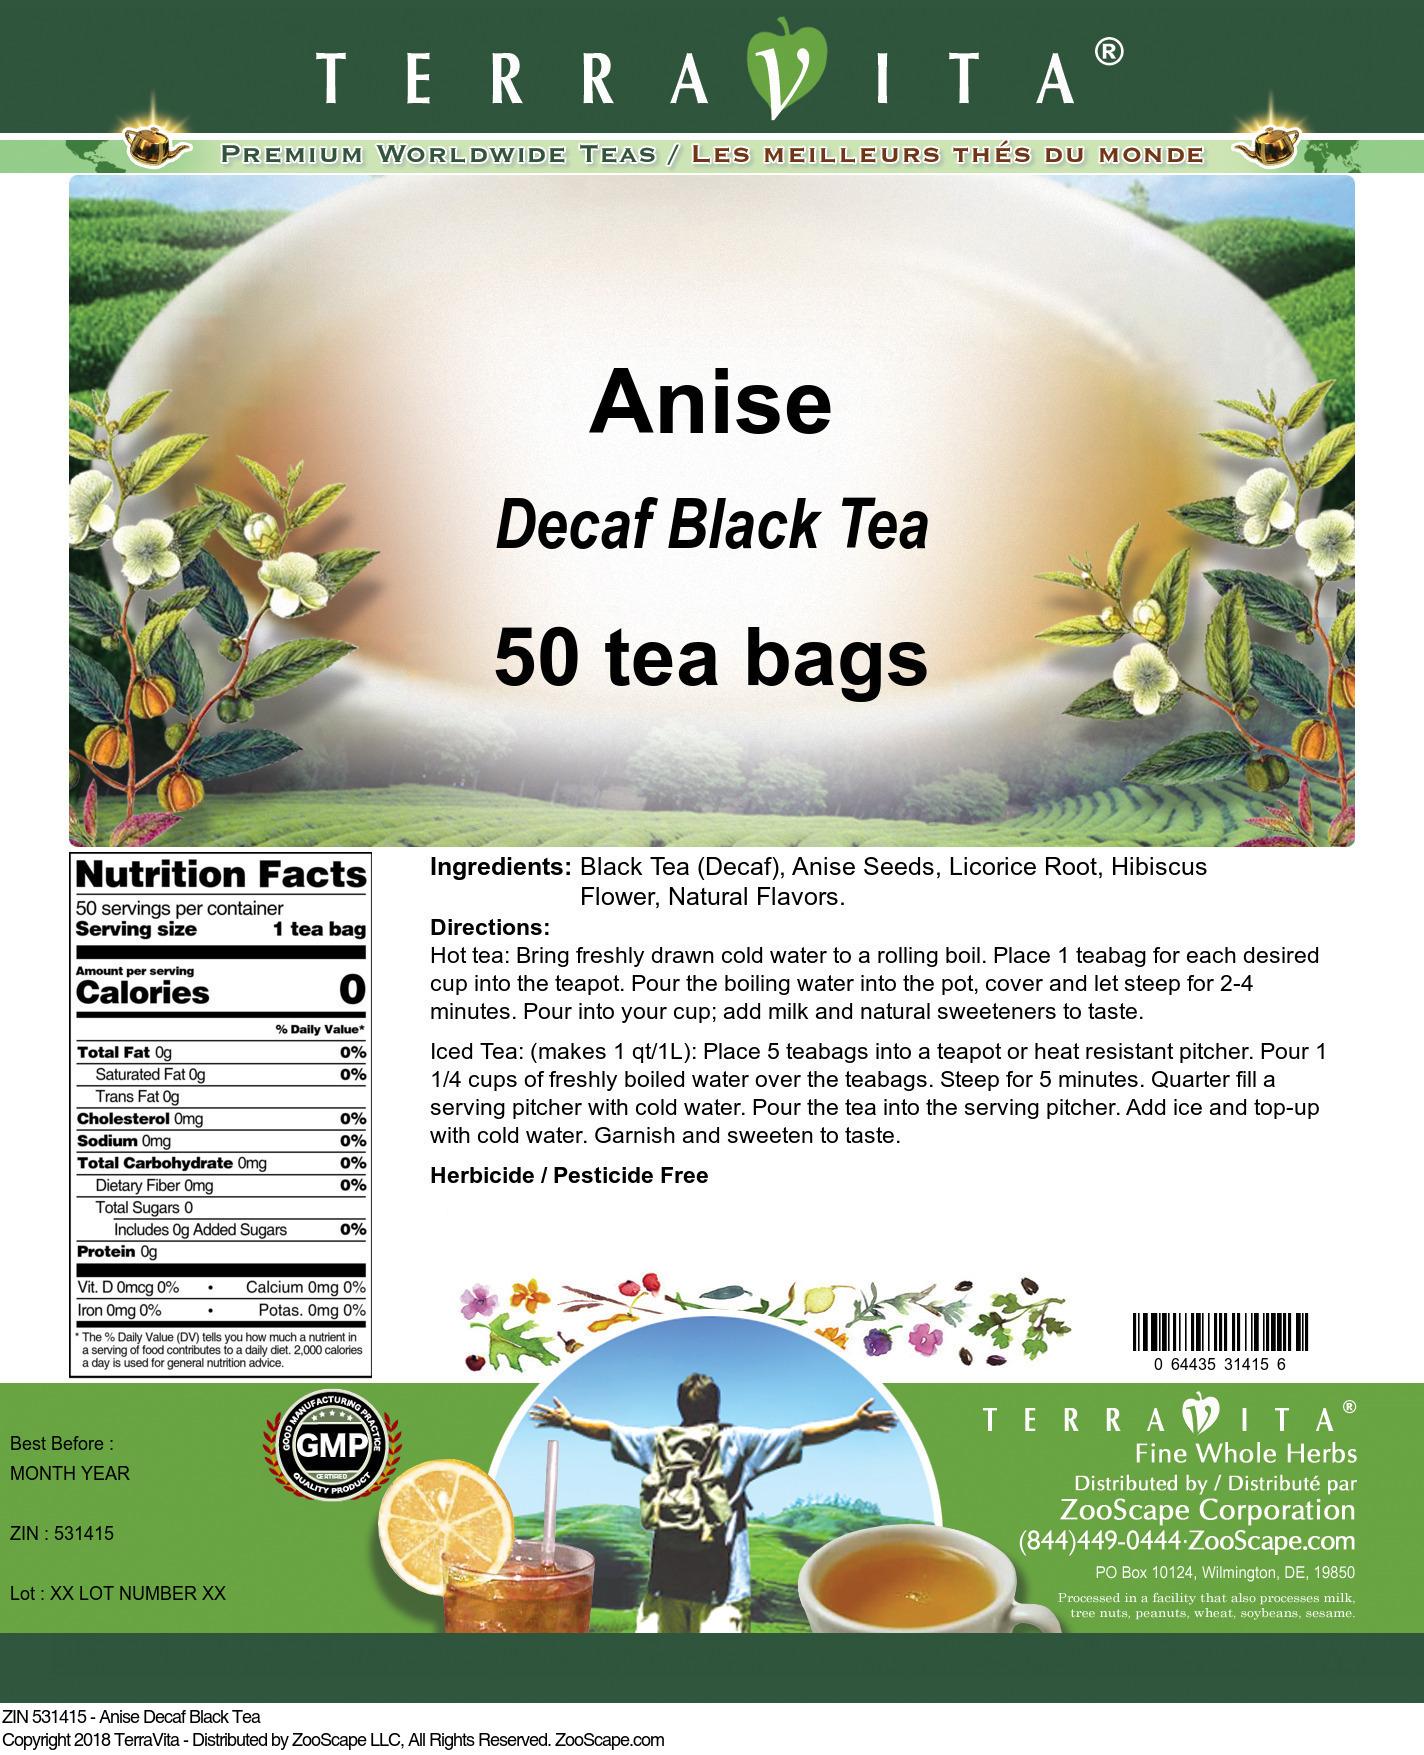 Anise Decaf Black Tea